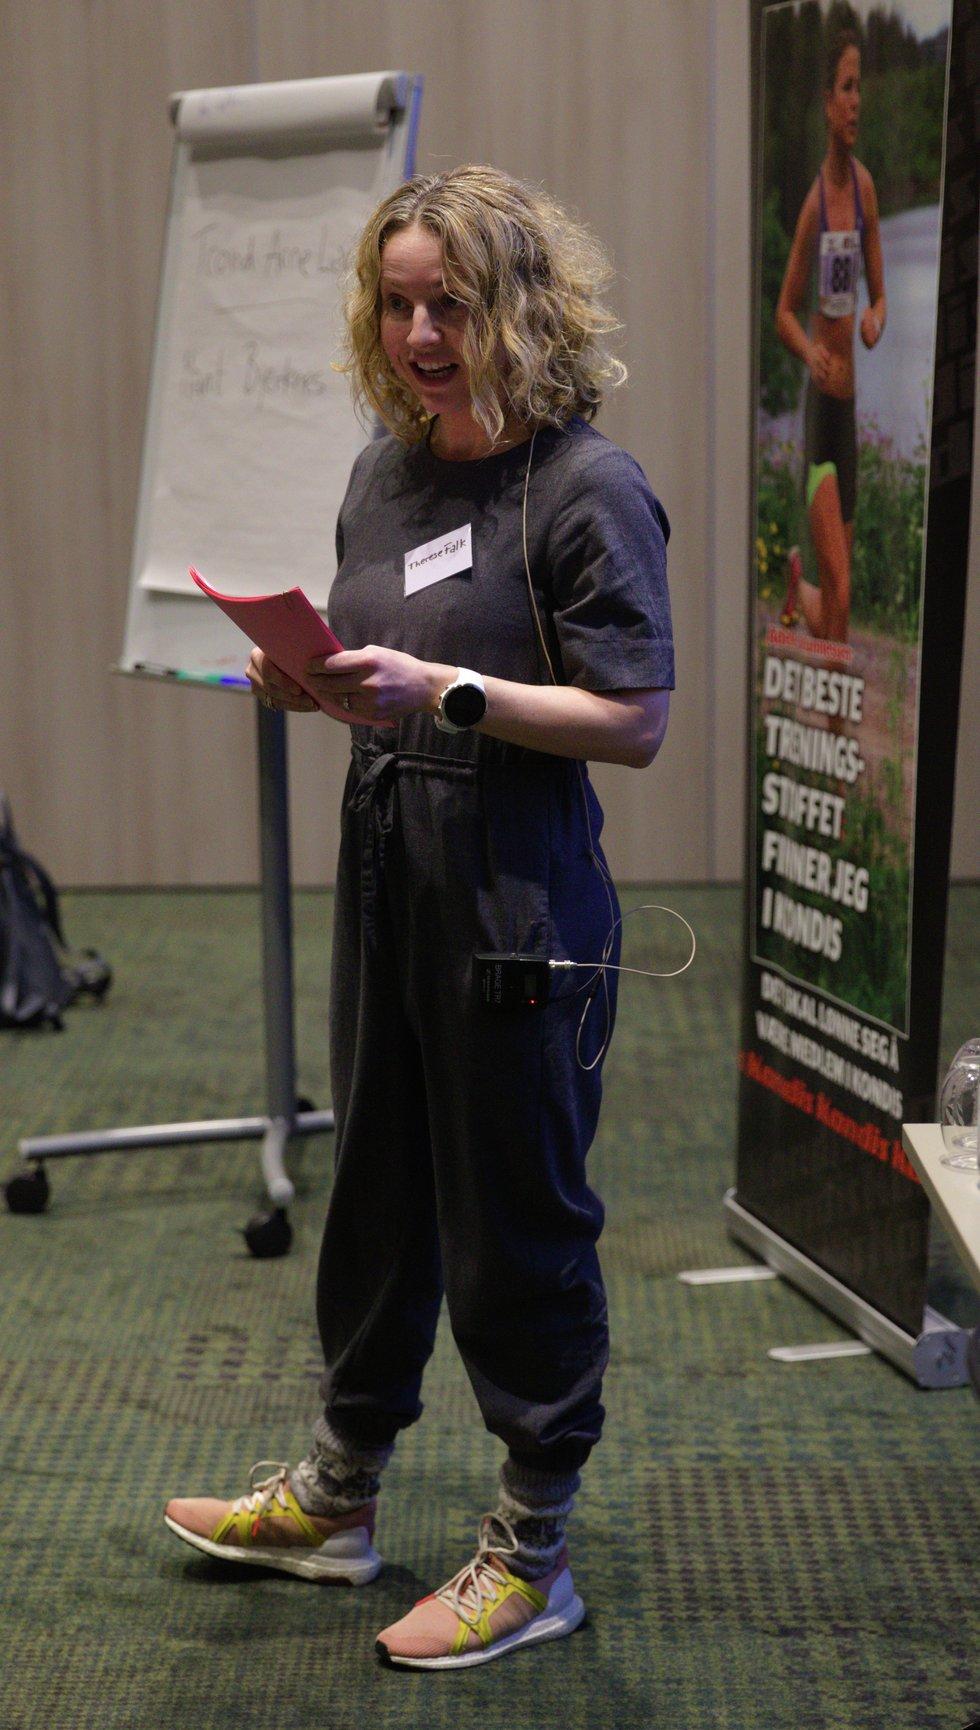 Therese Falk holdt foredrag under Kondis sitt landsmøte 2019